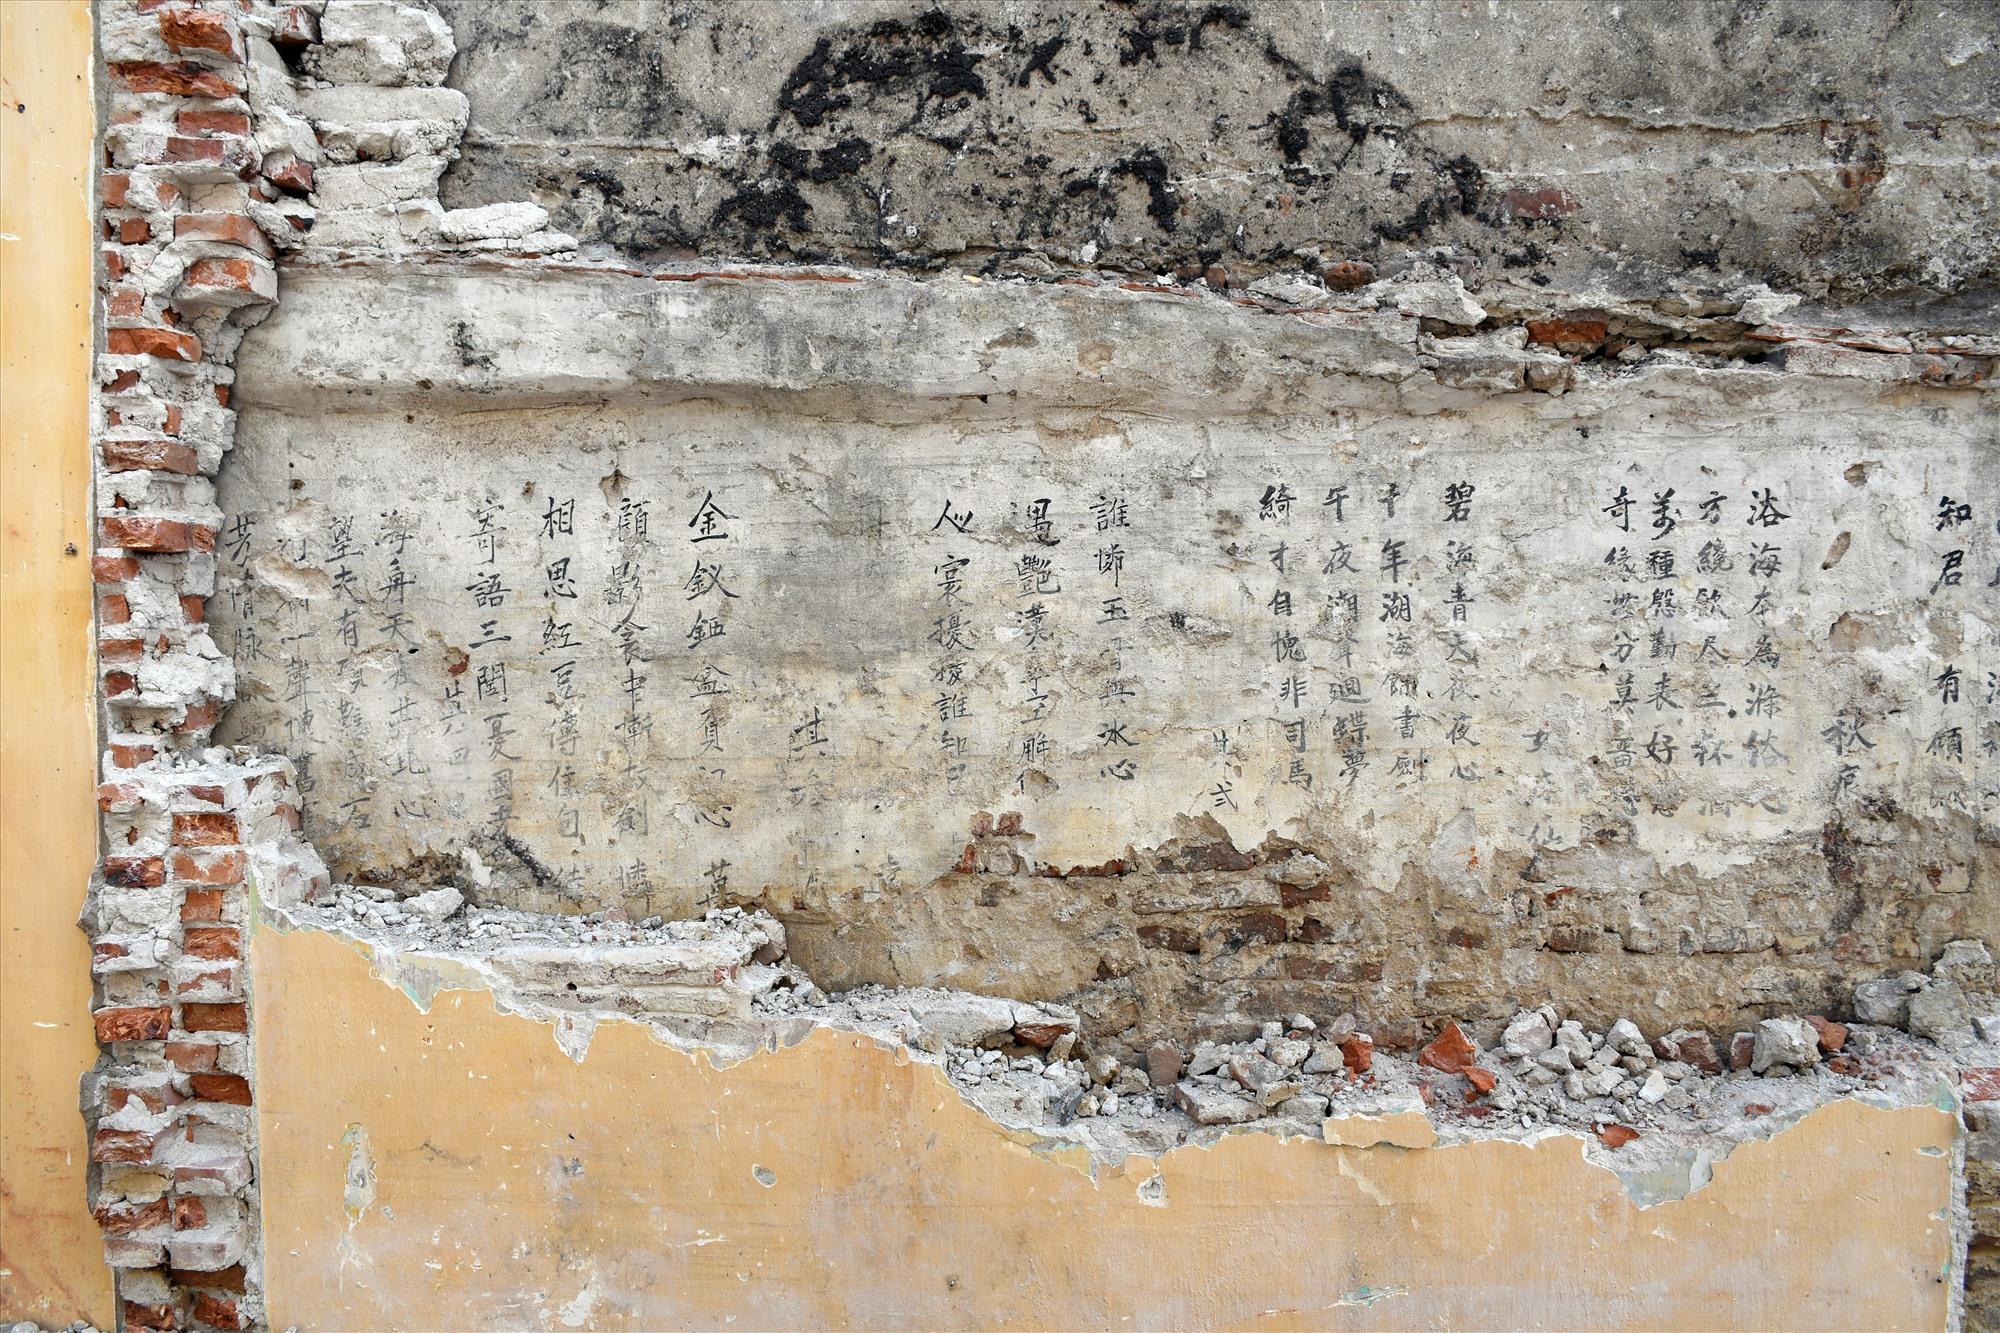 Mảng tường nhà cổ, nơi Trung tâm Quản lý Bảo tồn Di sản Văn hóa Hội An phát hiện văn bản Hán Nôm.